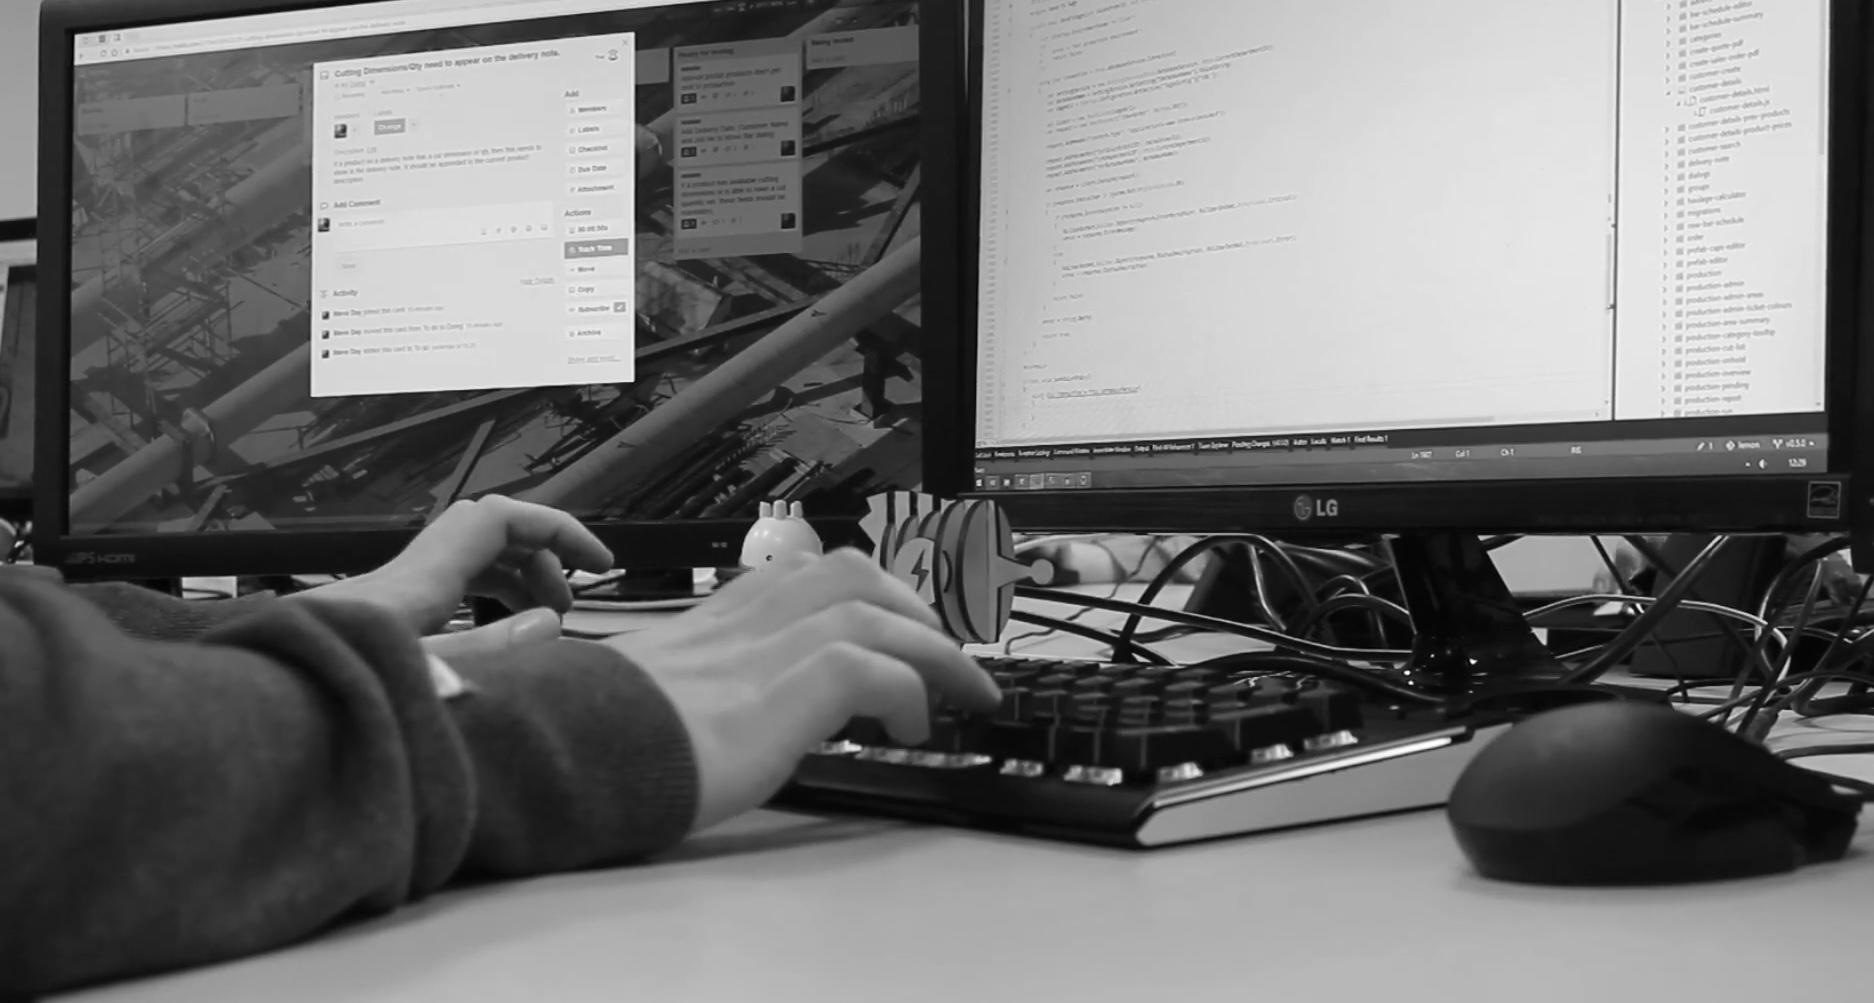 Fixed Term Software Development